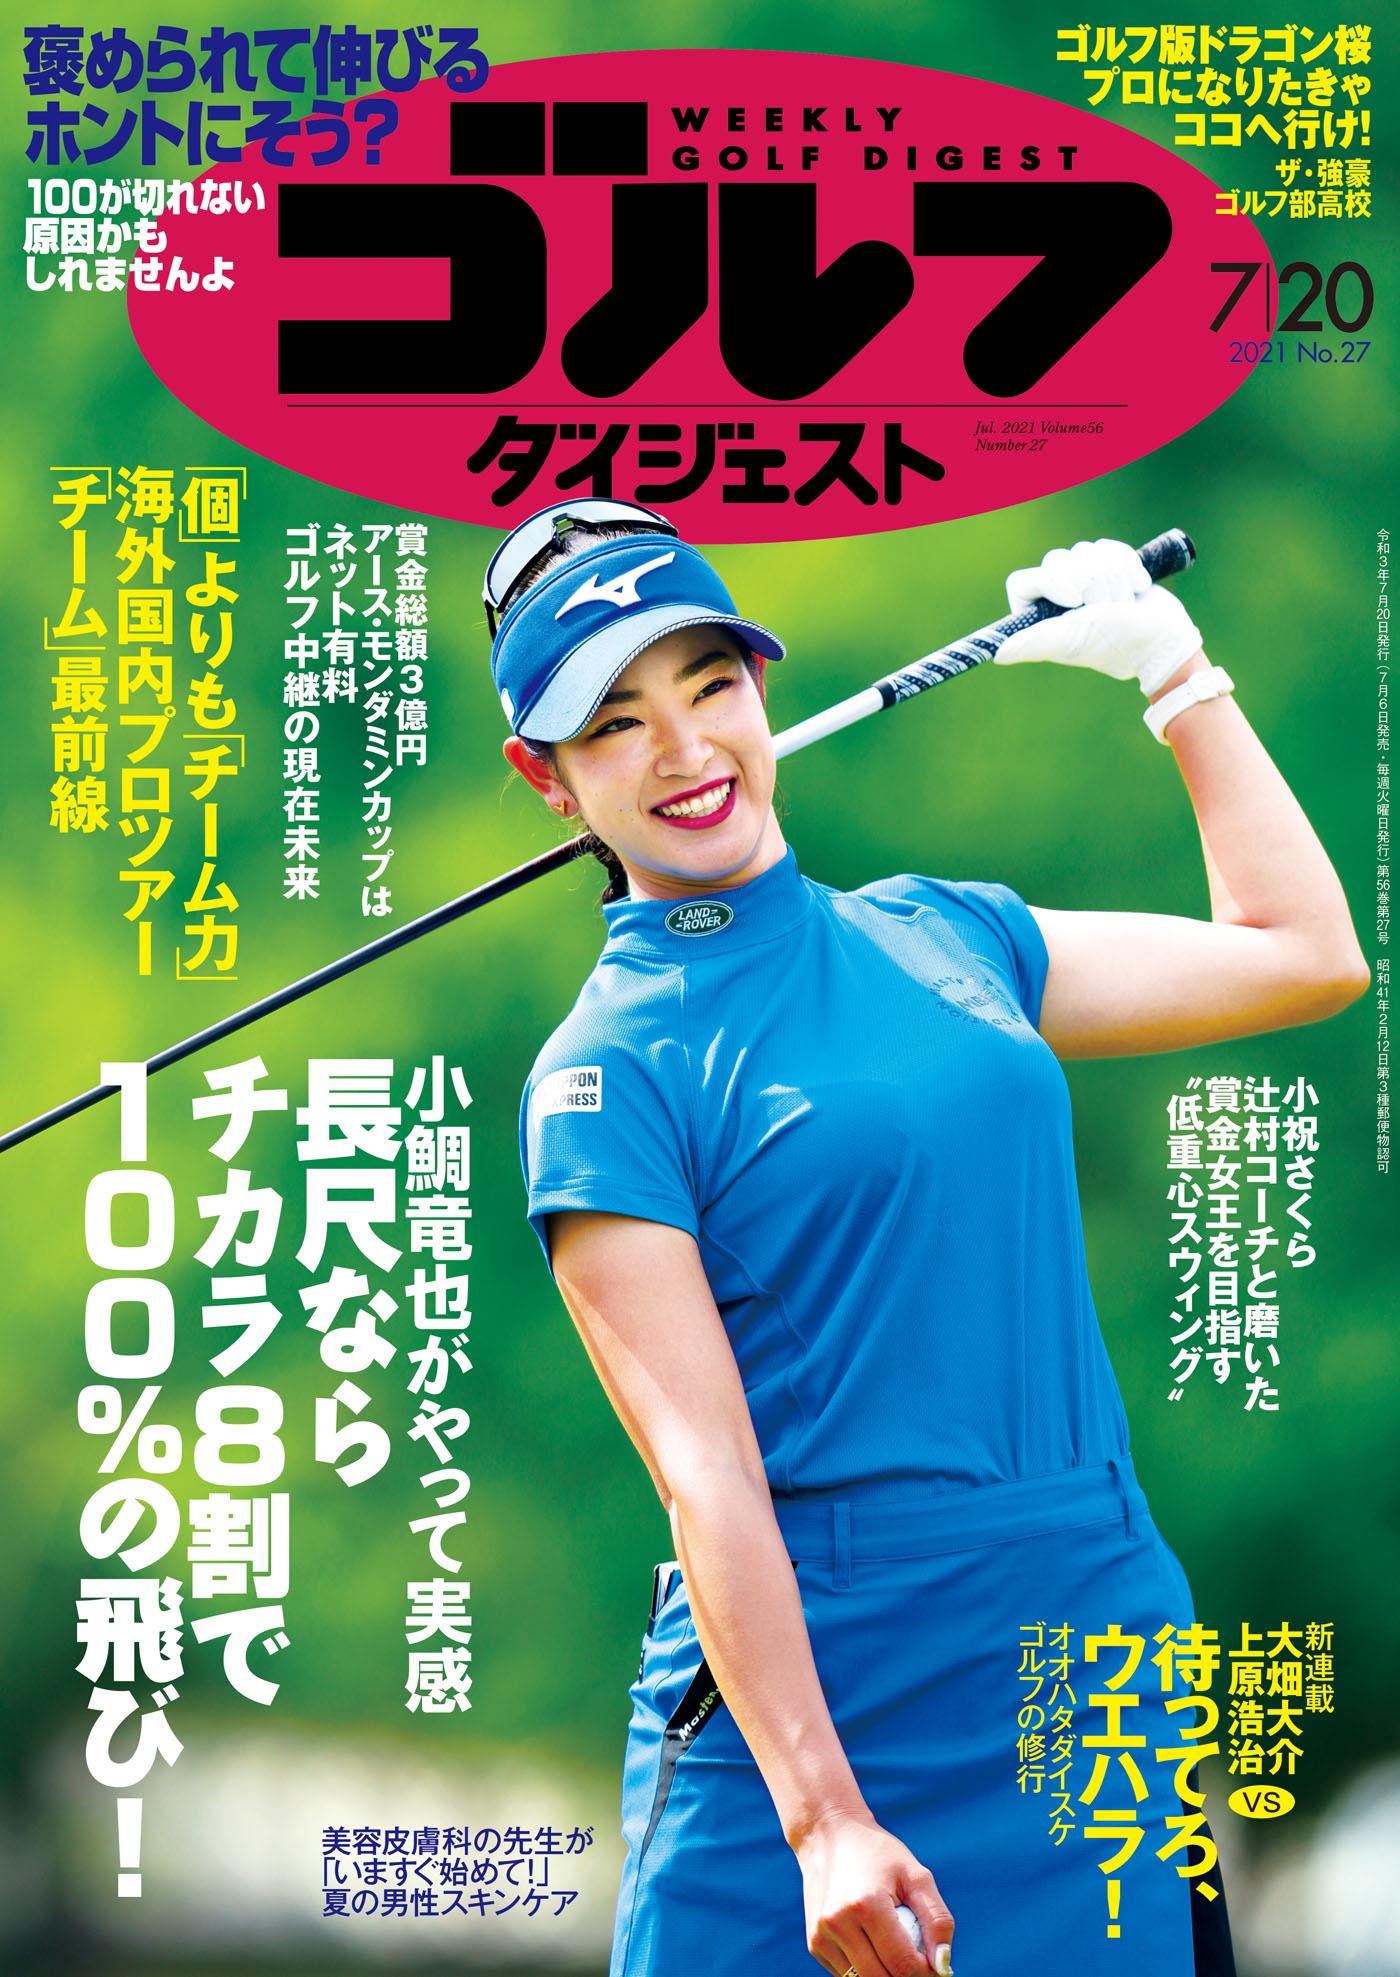 週刊ゴルフダイジェスト2021年7月20日号